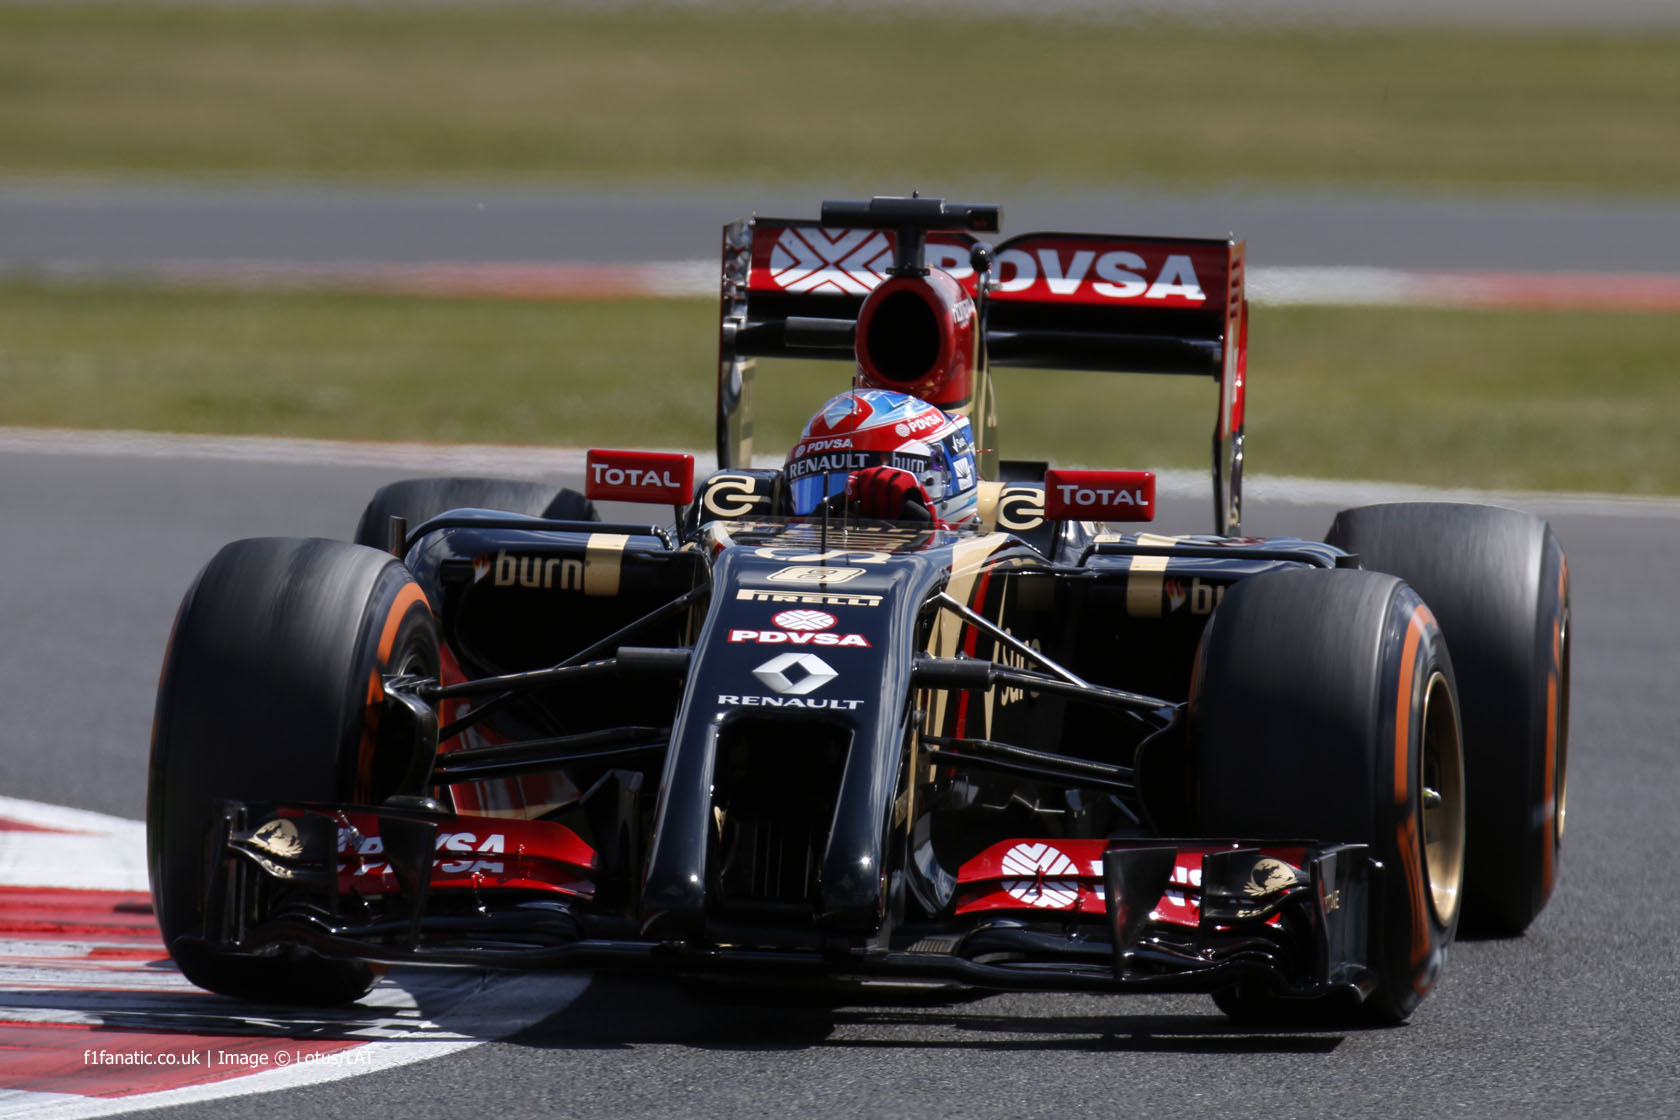 Romain Grosjean, Lotus, Silverstone, 2014